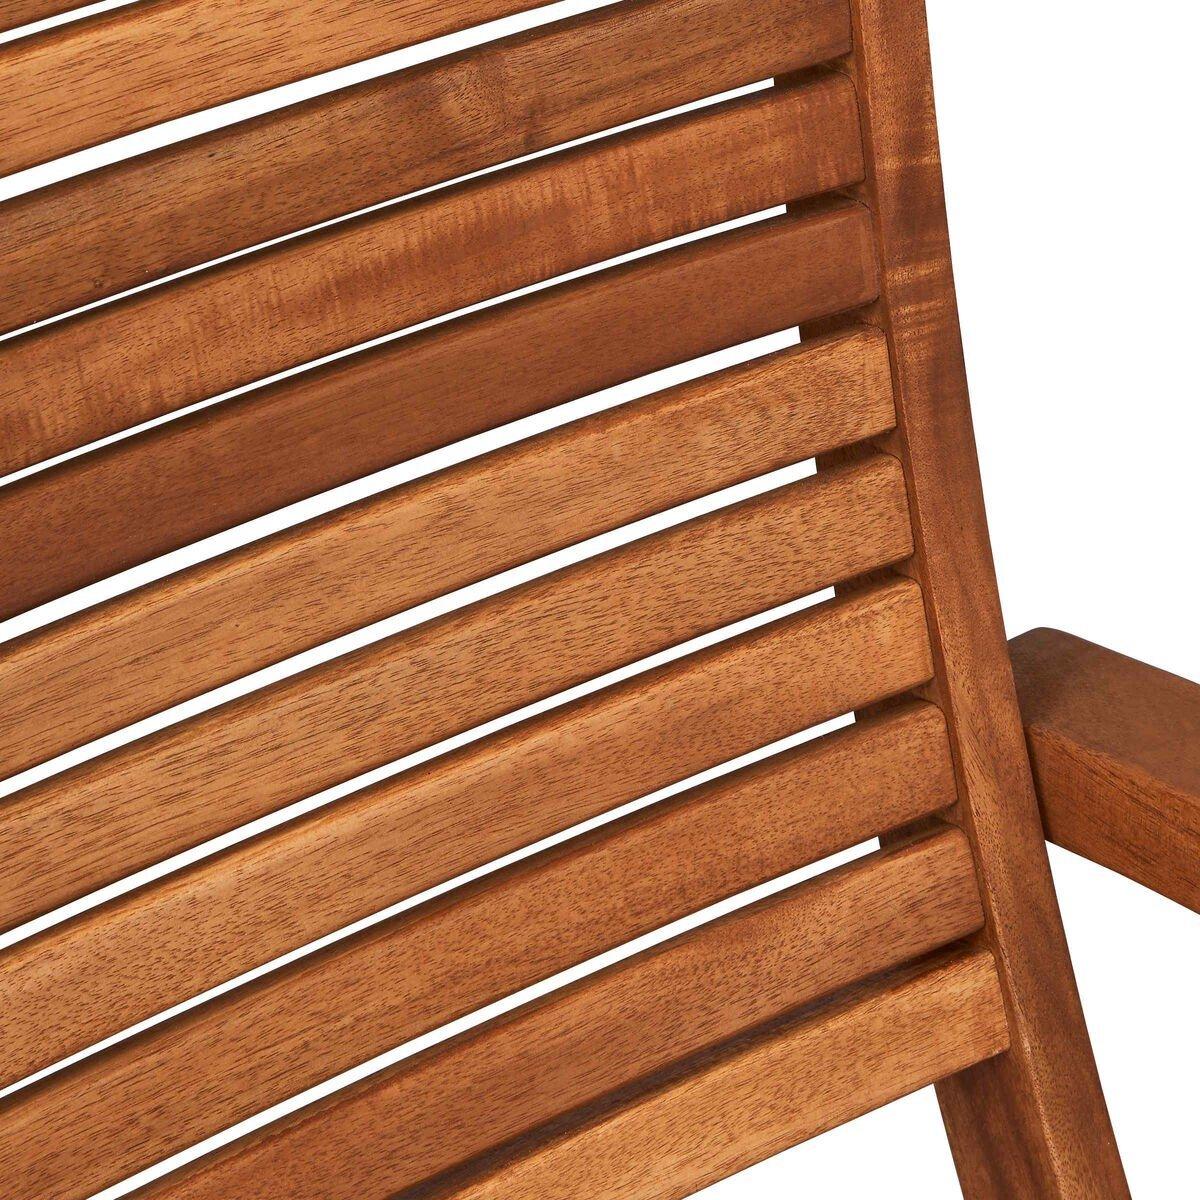 Bild 9 von SOMERSET Stuhl mit Armlehne